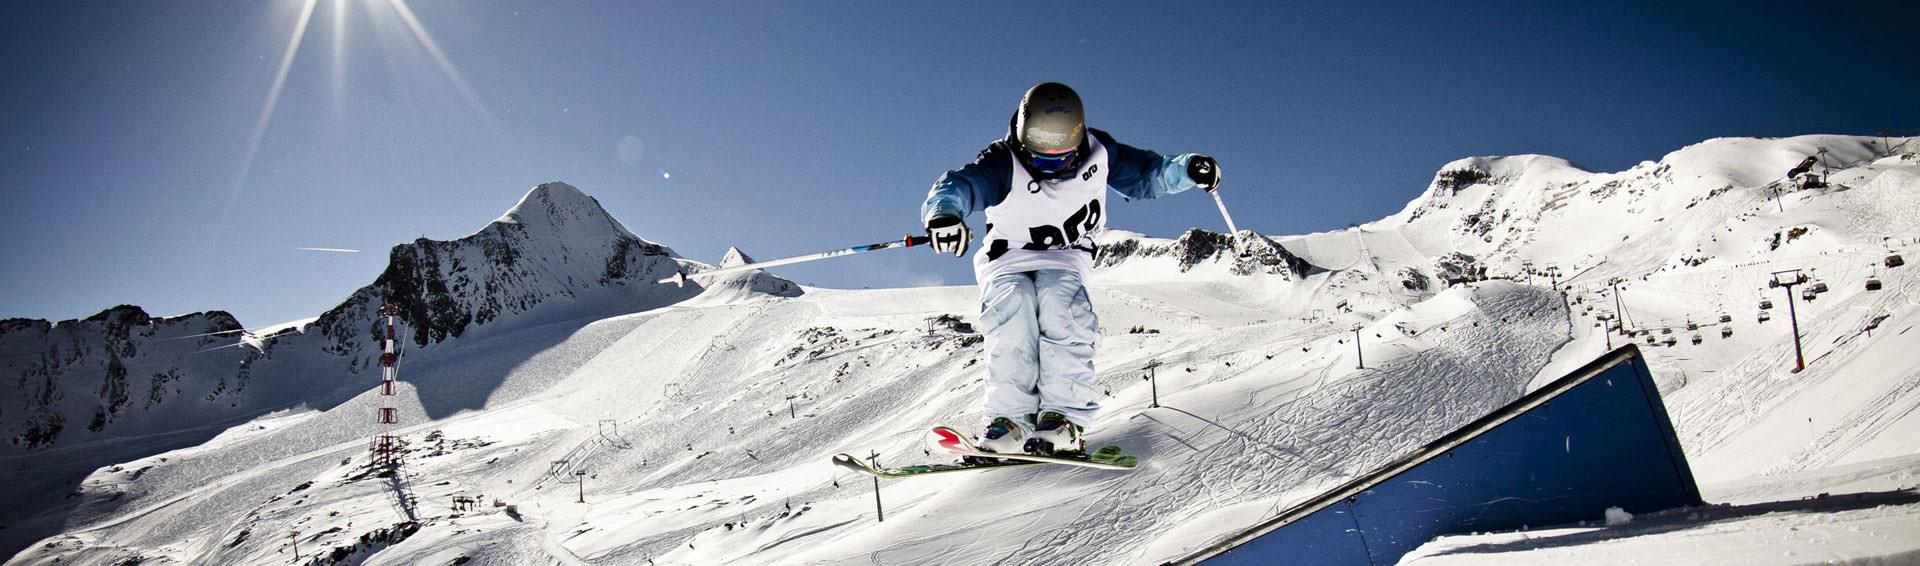 Skifahrer in einem Funpark in den Bergen